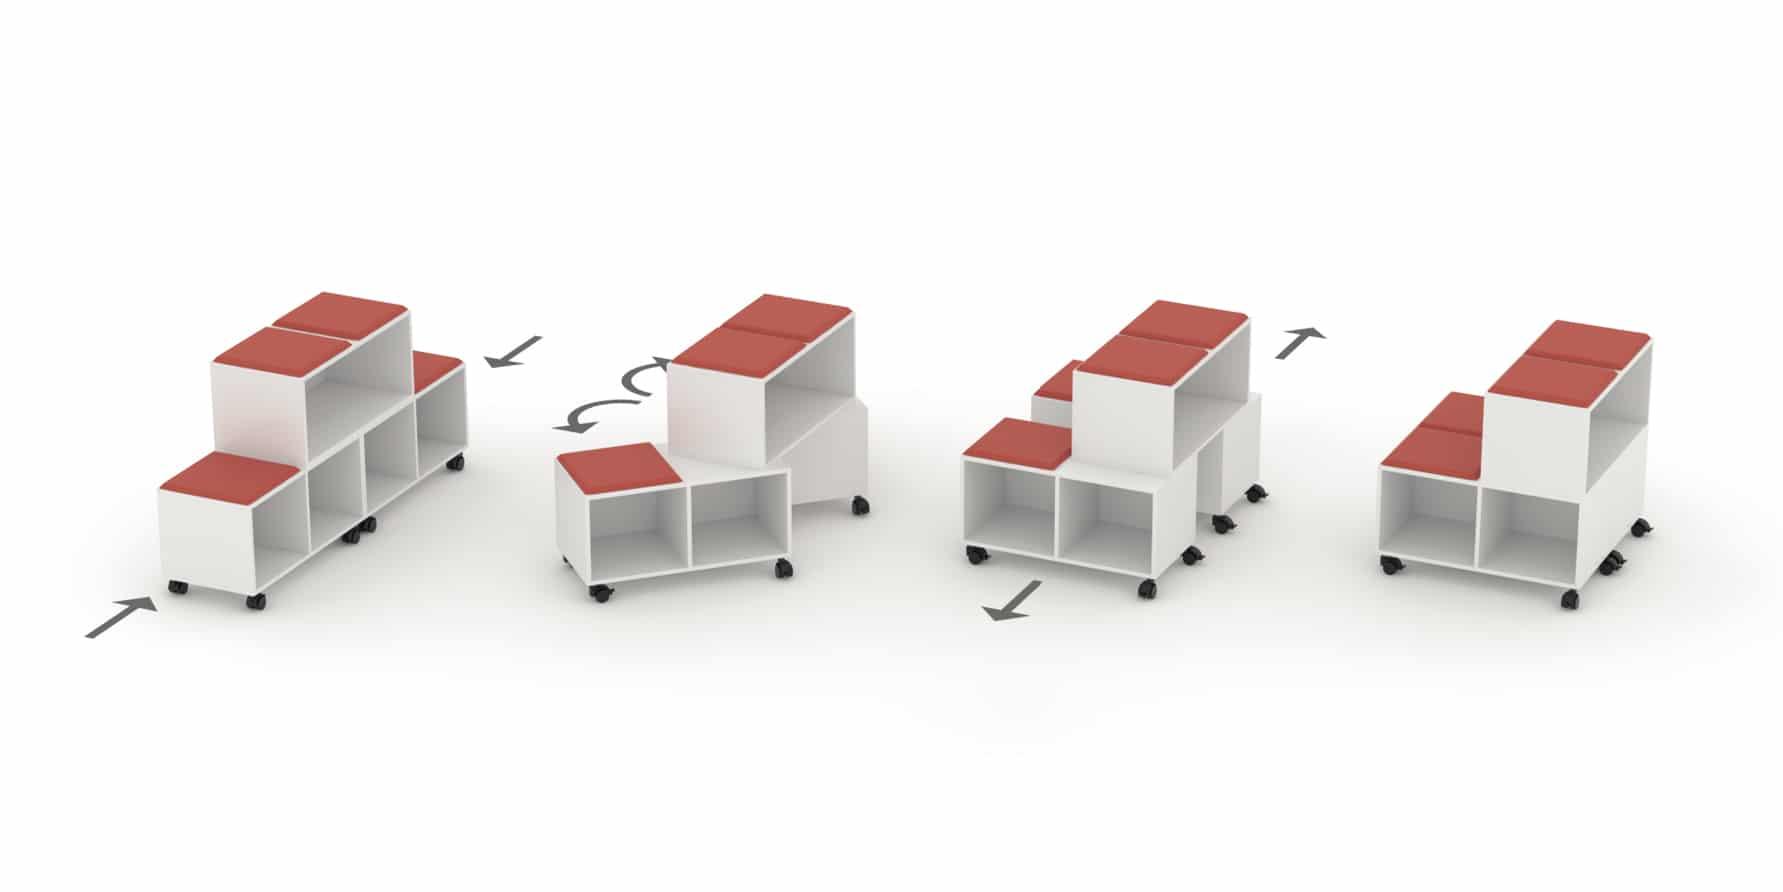 Grada modular, móvil y transformable en estantería